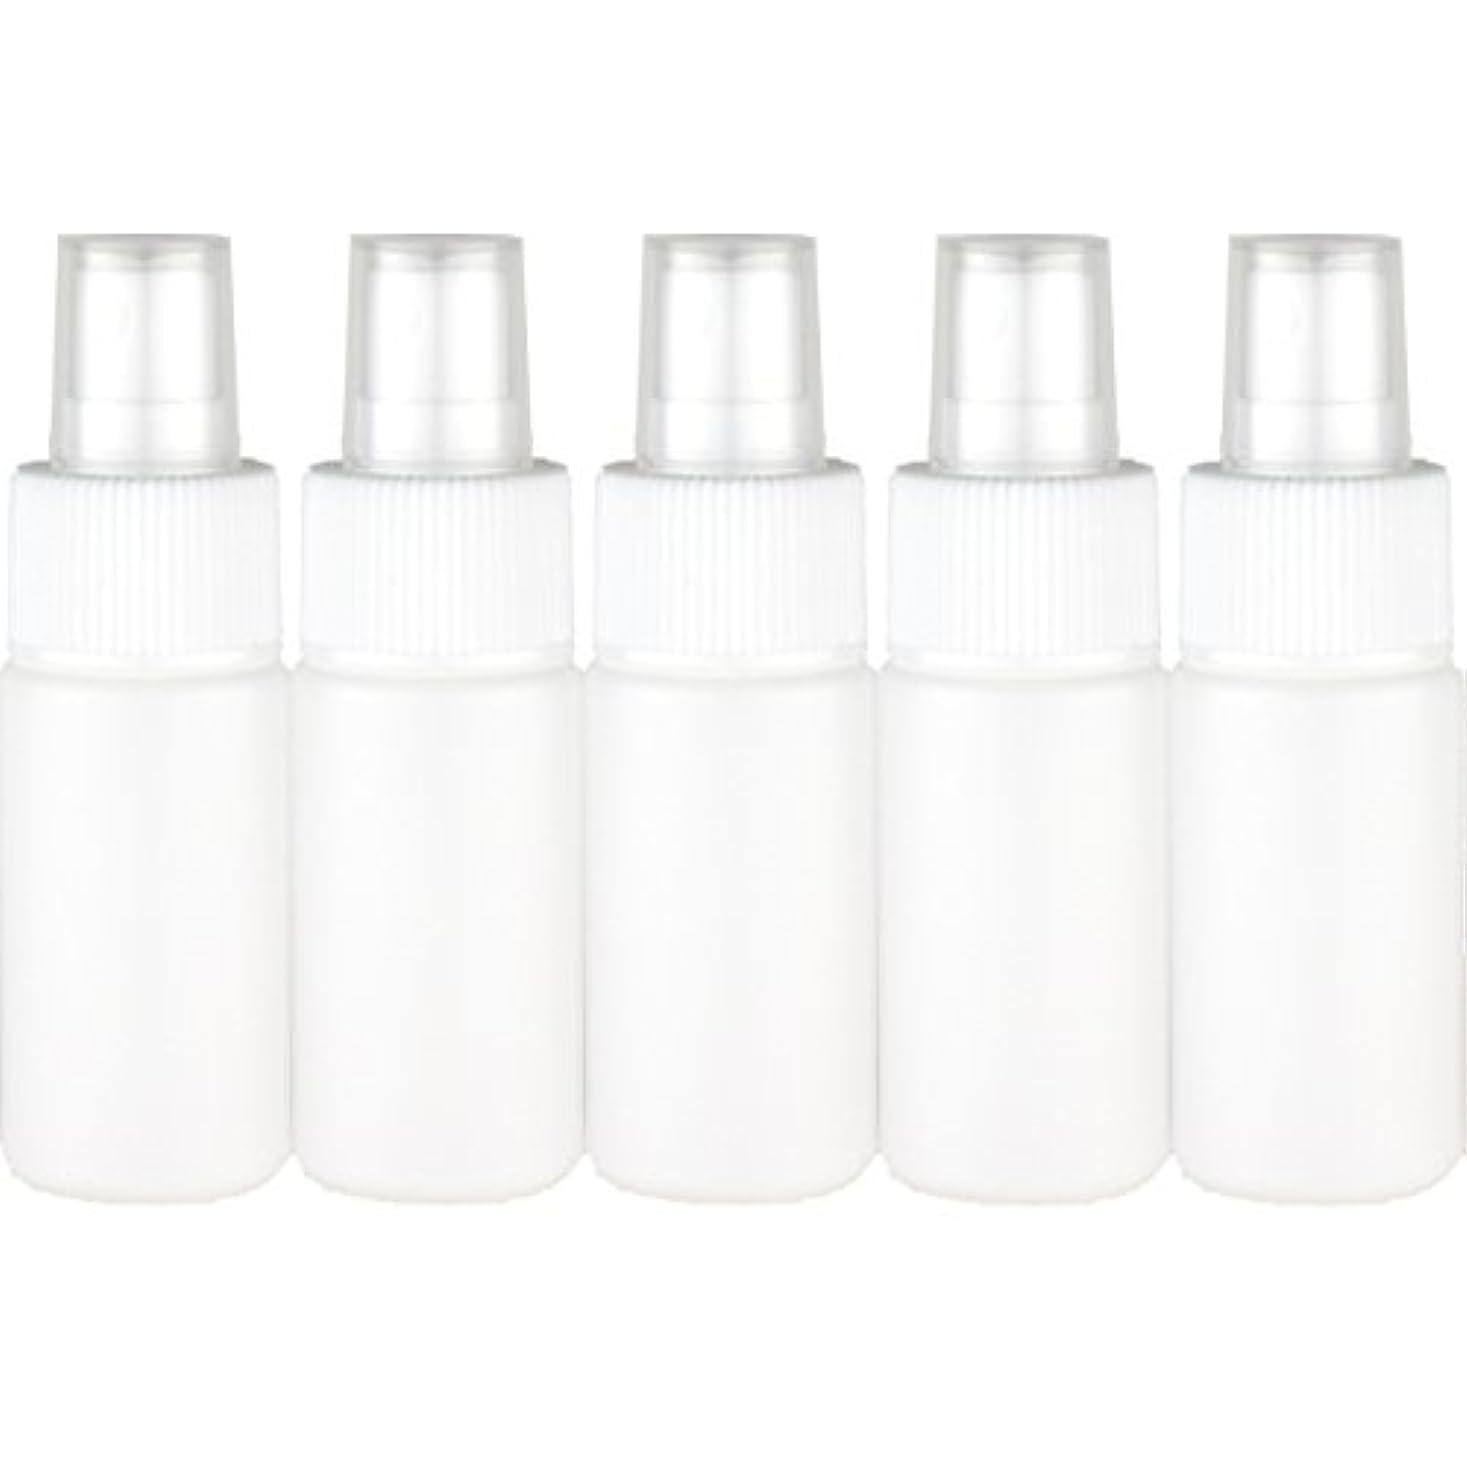 上昇キルス難しい遮光性スプレーボトル ポリエチレン 30mL 5本セット 空容器 おしゃれbottle30s-5